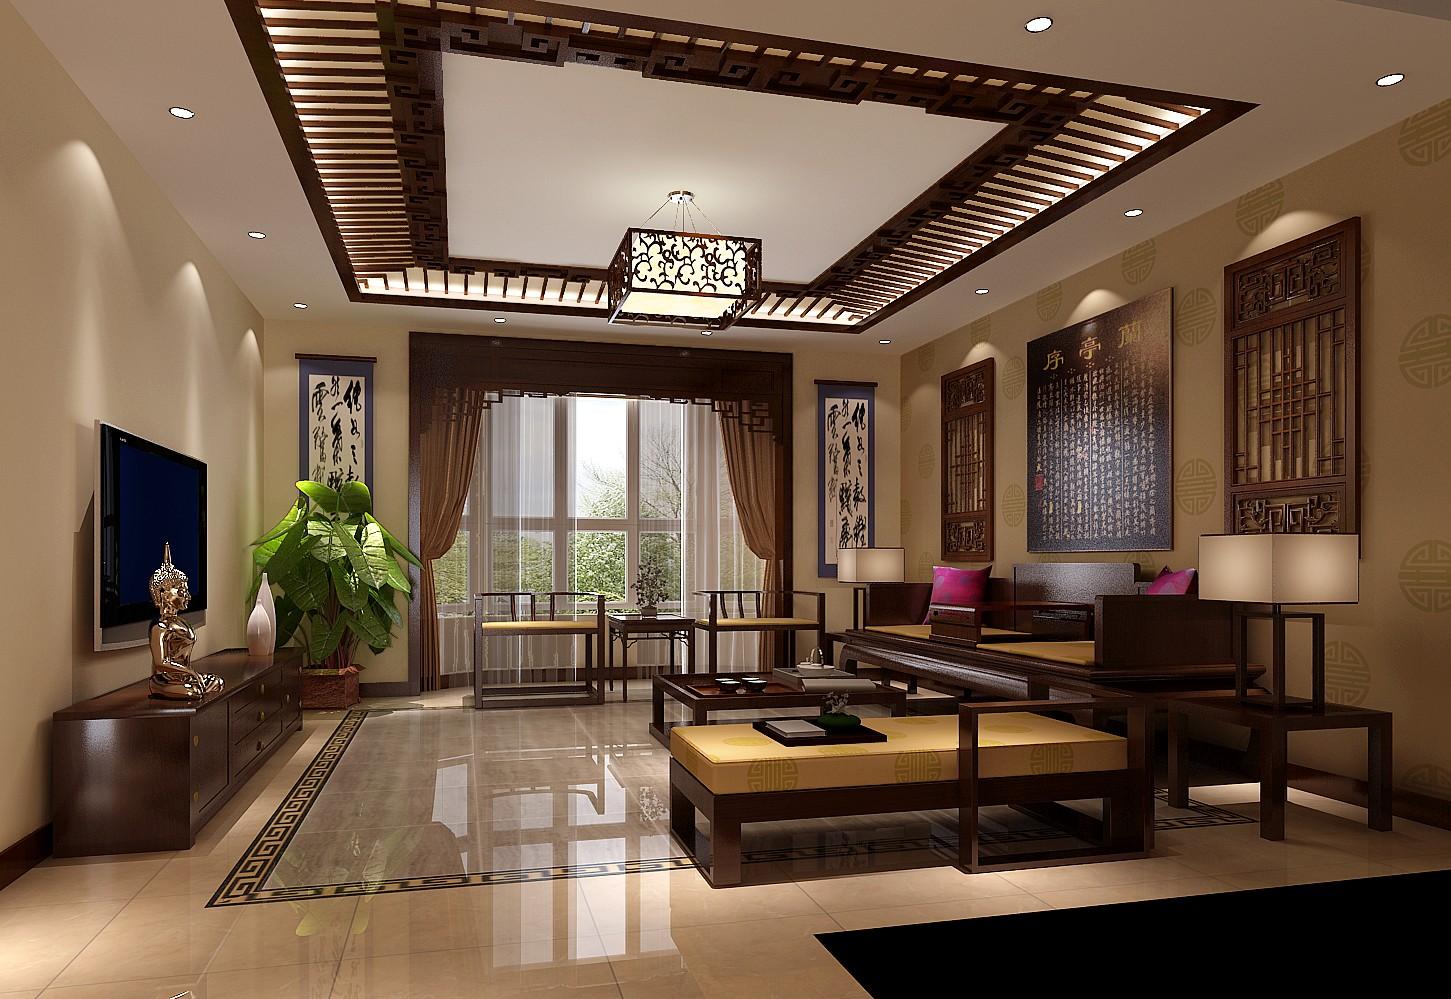 中式风格 装修设计 高度国际 客厅图片来自成都高度国际在泰悦湾-180㎡-中式古典风格的分享